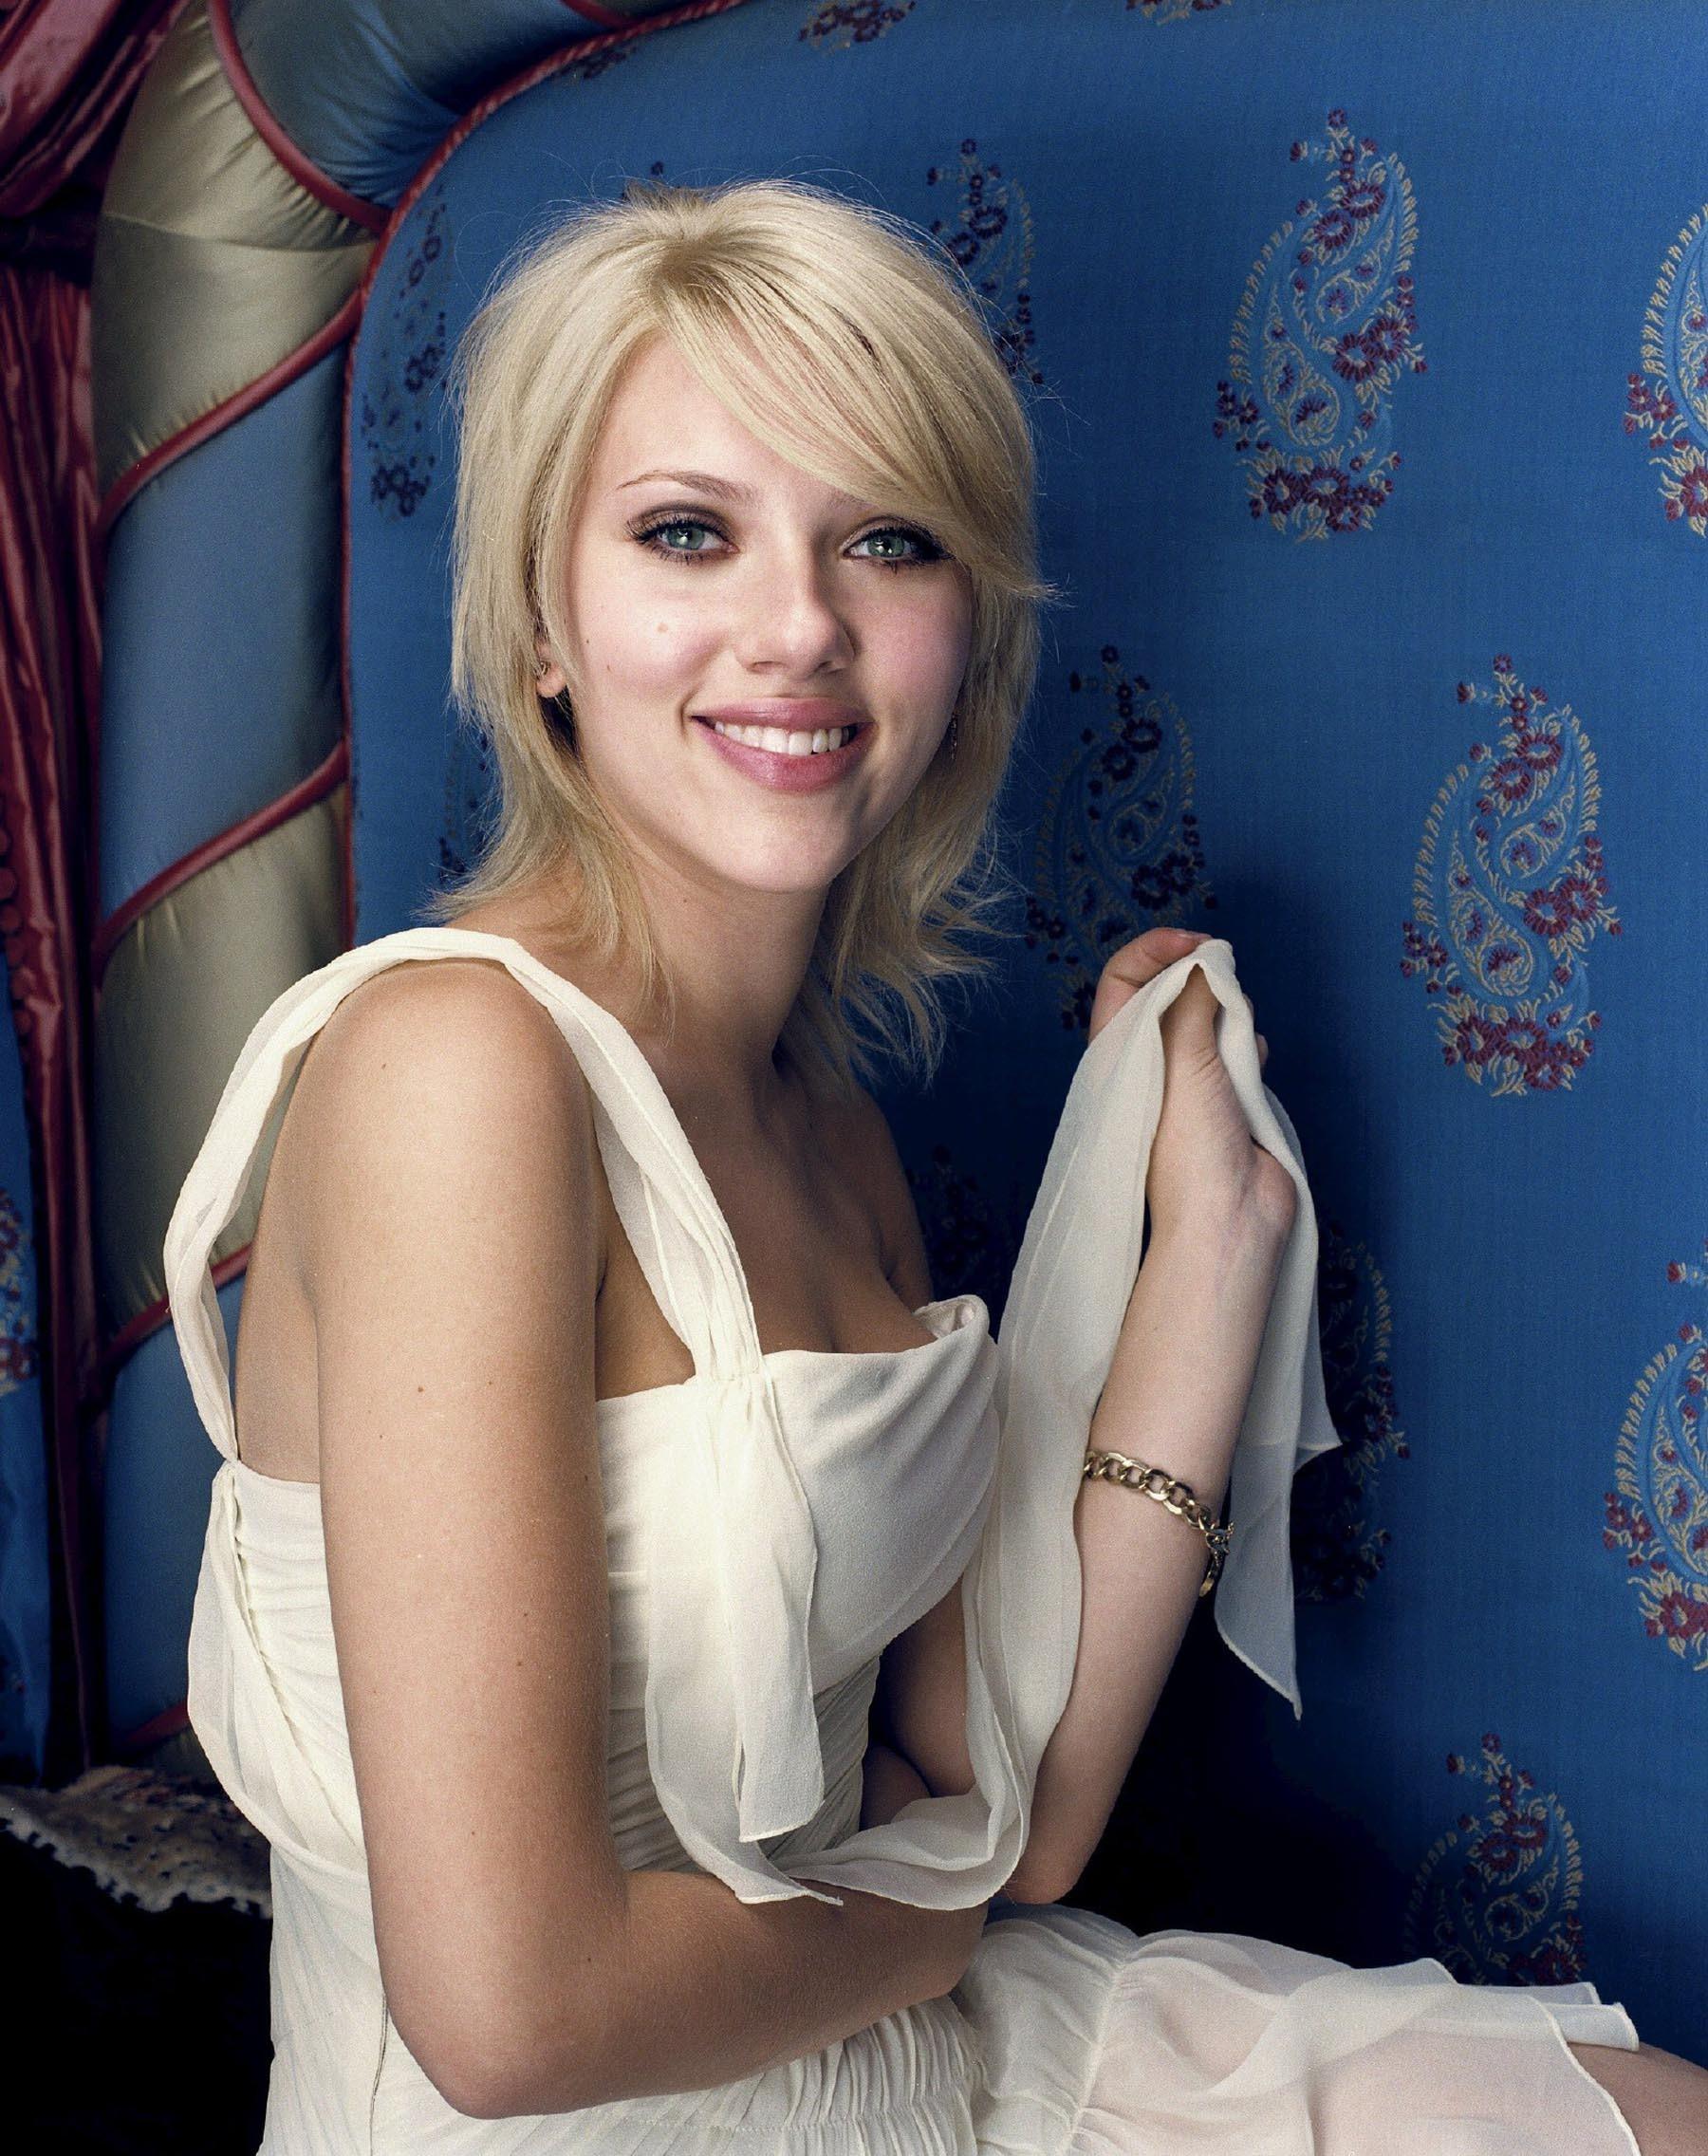 Scarlett Johansson - Images